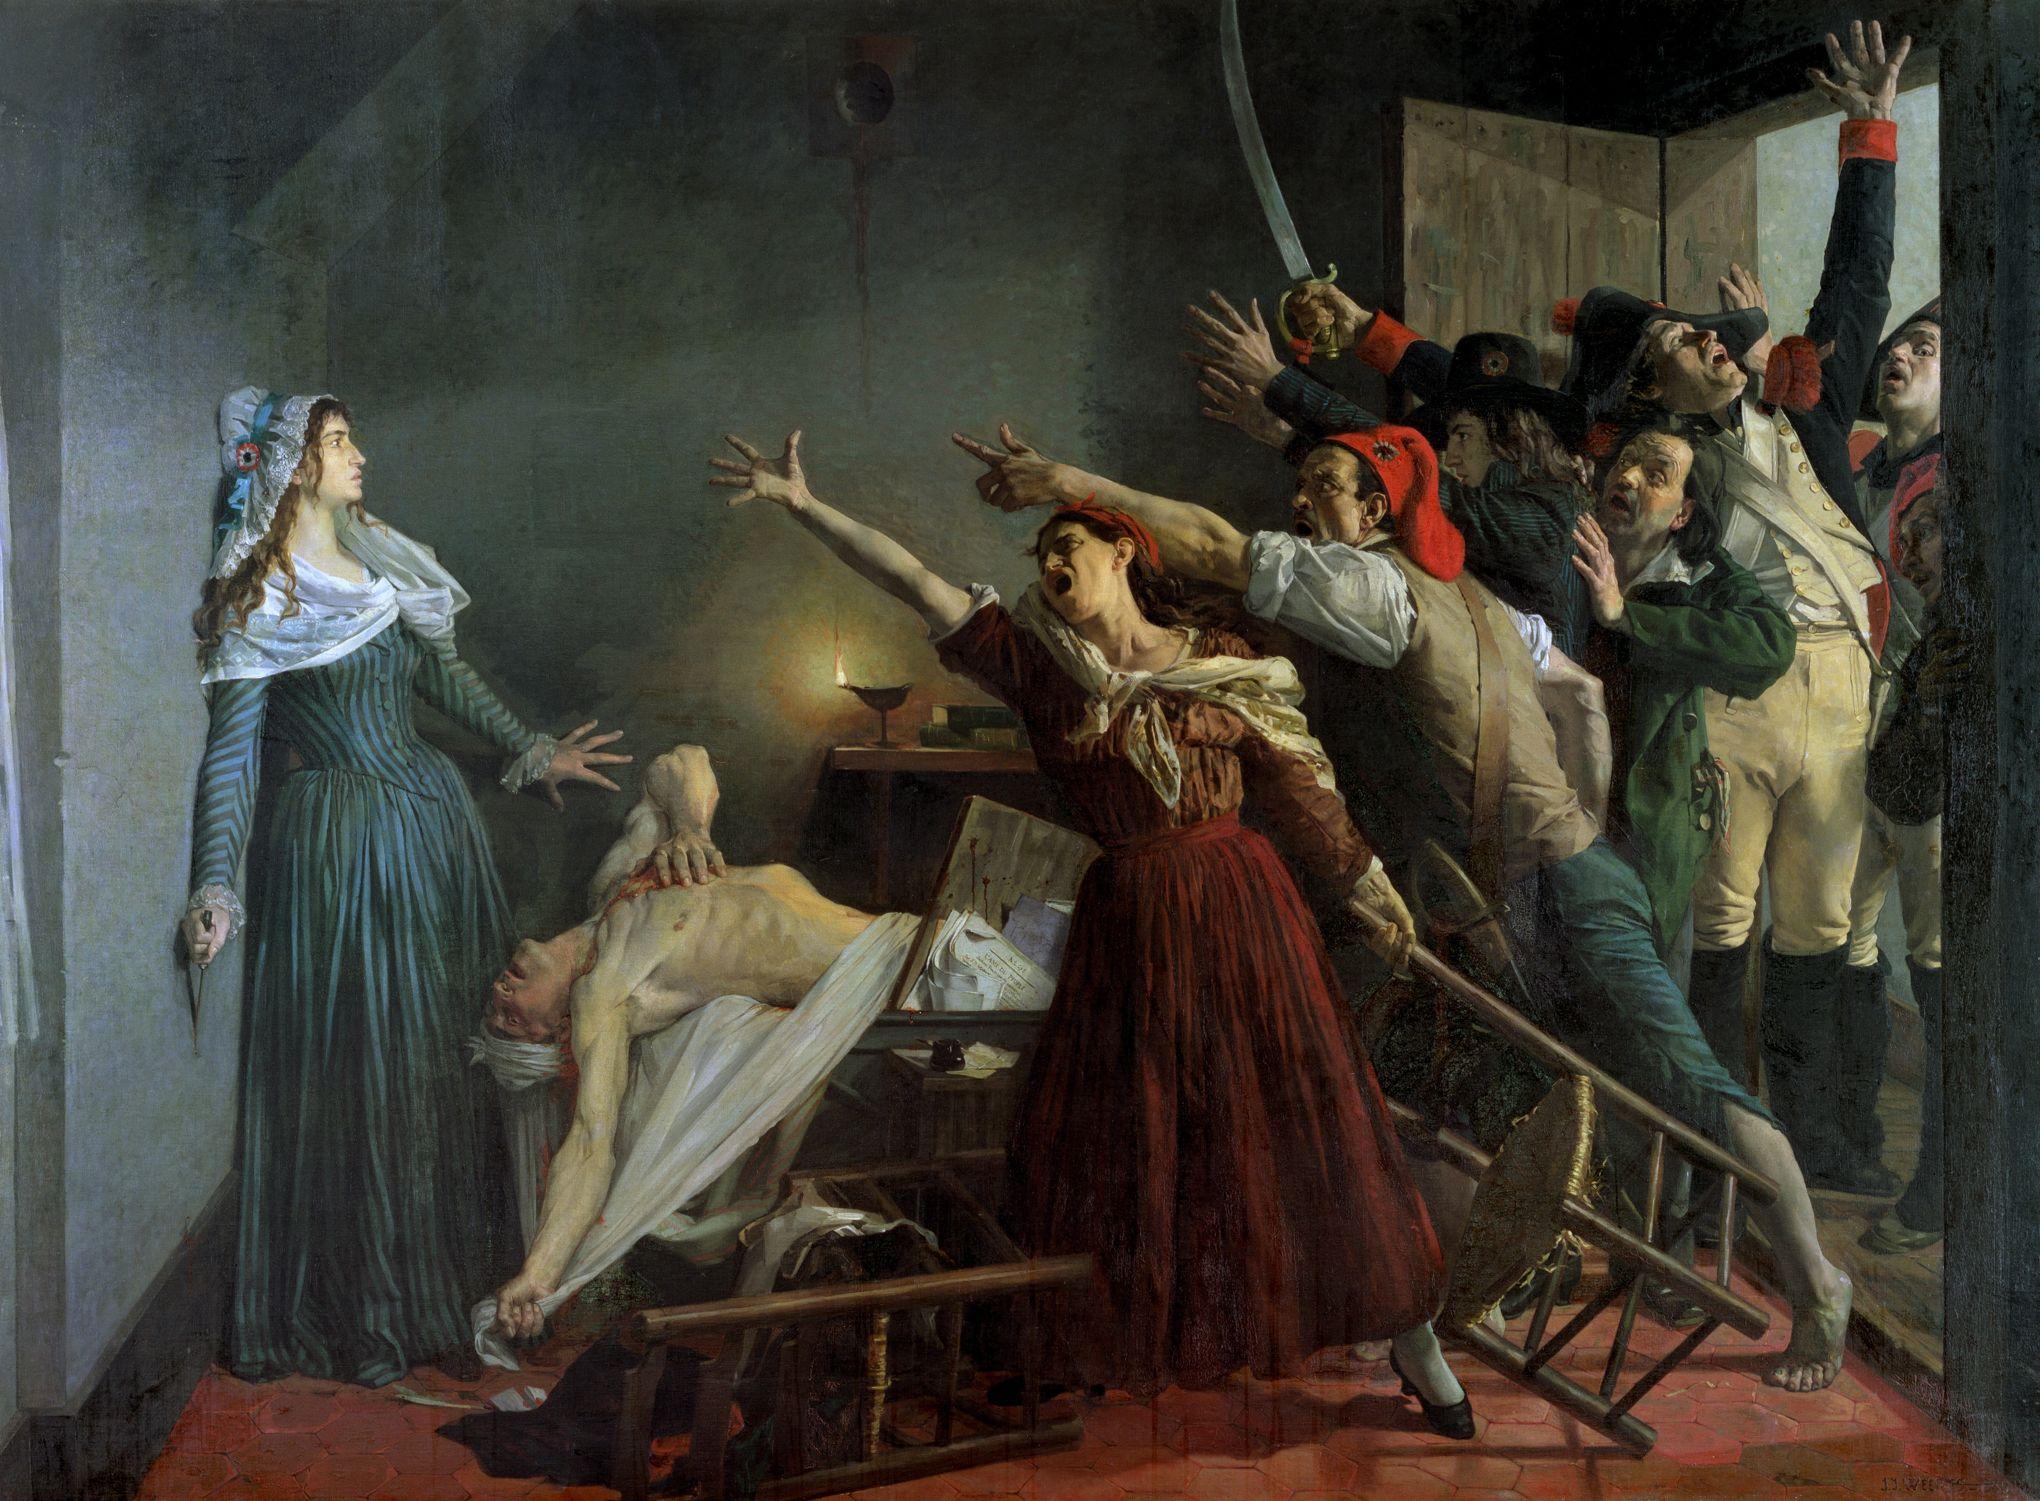 Fichier:J. J. Weerts L'assassinio di Marat.jpg — Wikipédia